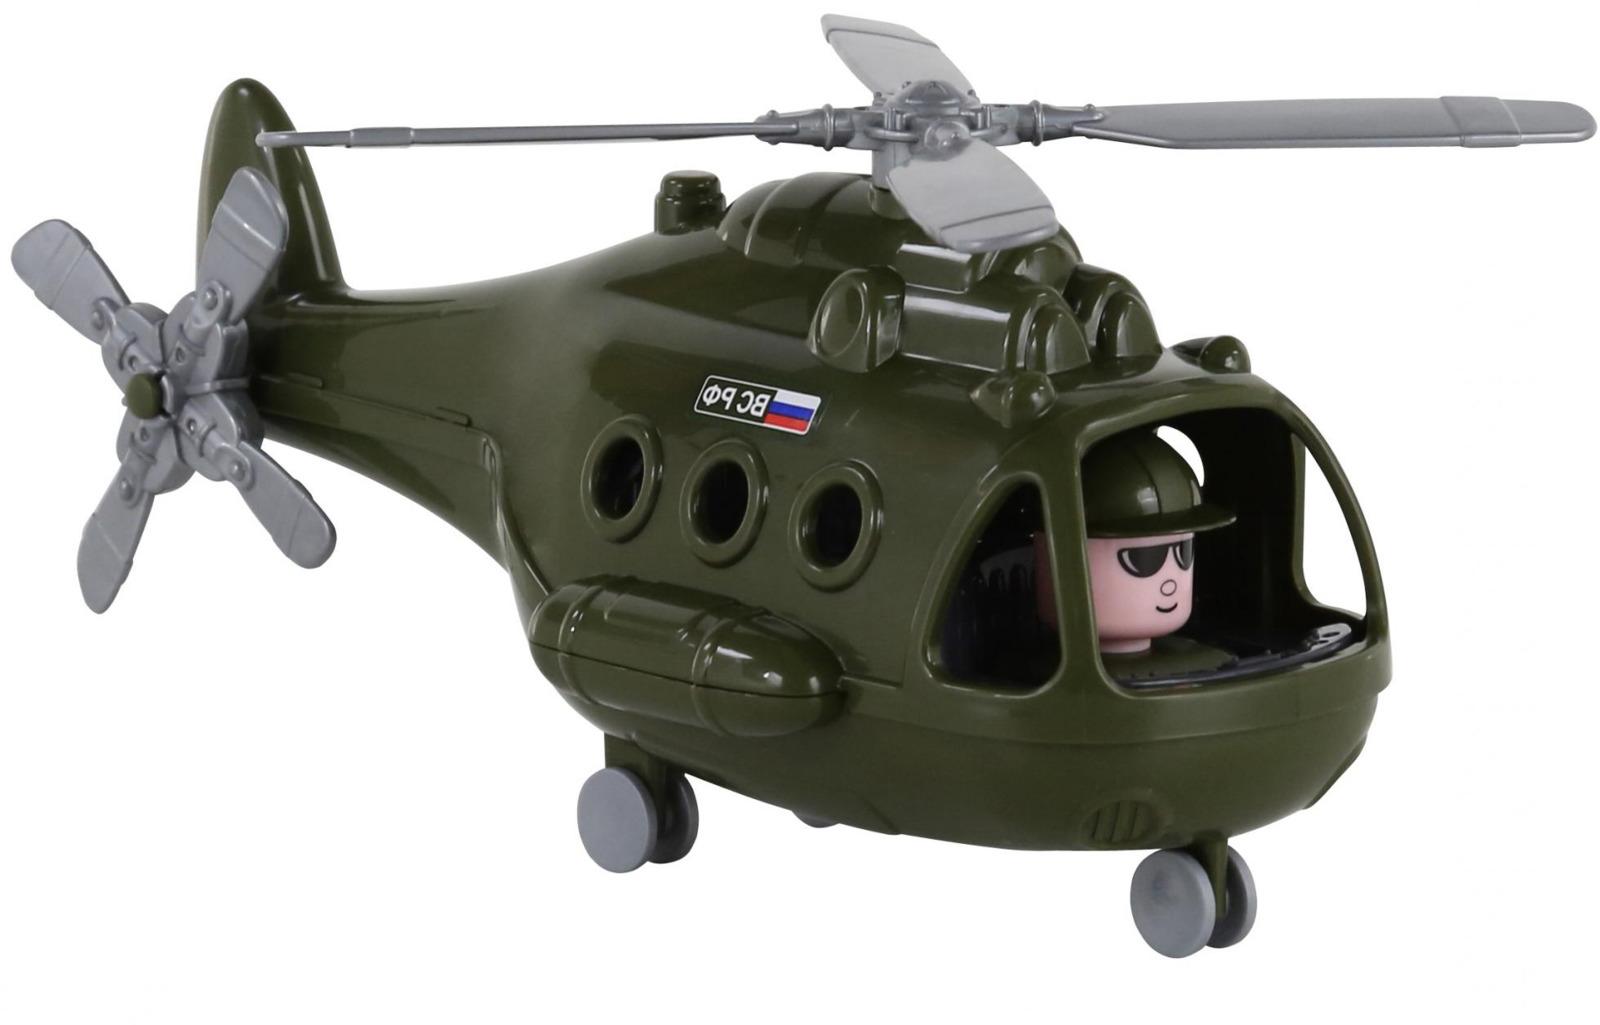 Вертолет военный Полесье Альфа. 68729, цвет в ассортименте игрушка полесье альфа 68729